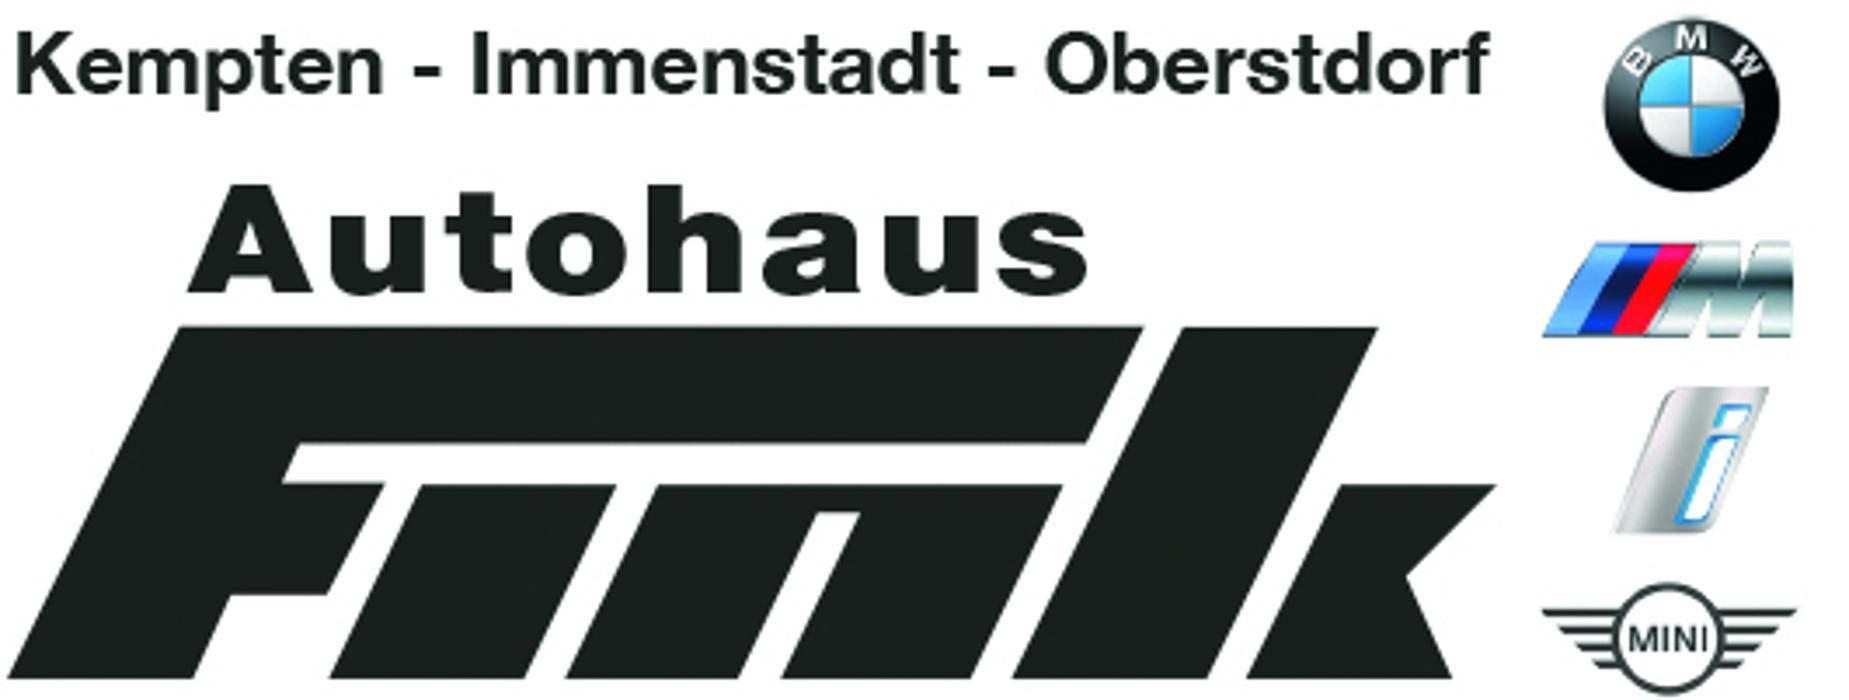 Bild zu Autohaus Fink GmbH & Co.KG in Kempten im Allgäu